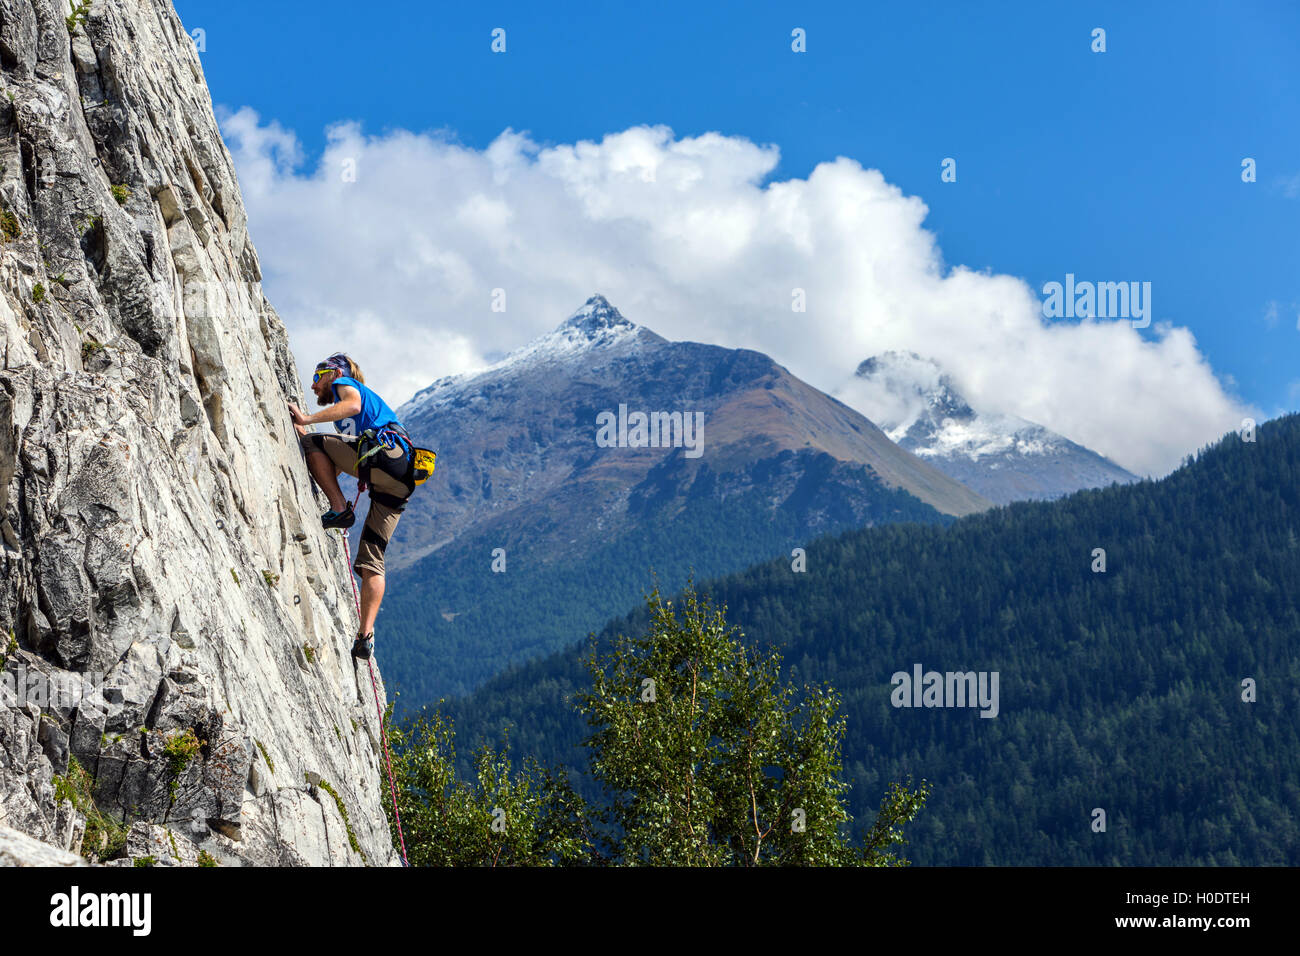 Slim escalador masculino en azul sobre roca escarpada, cielo azul con nubes y montañas Imagen De Stock